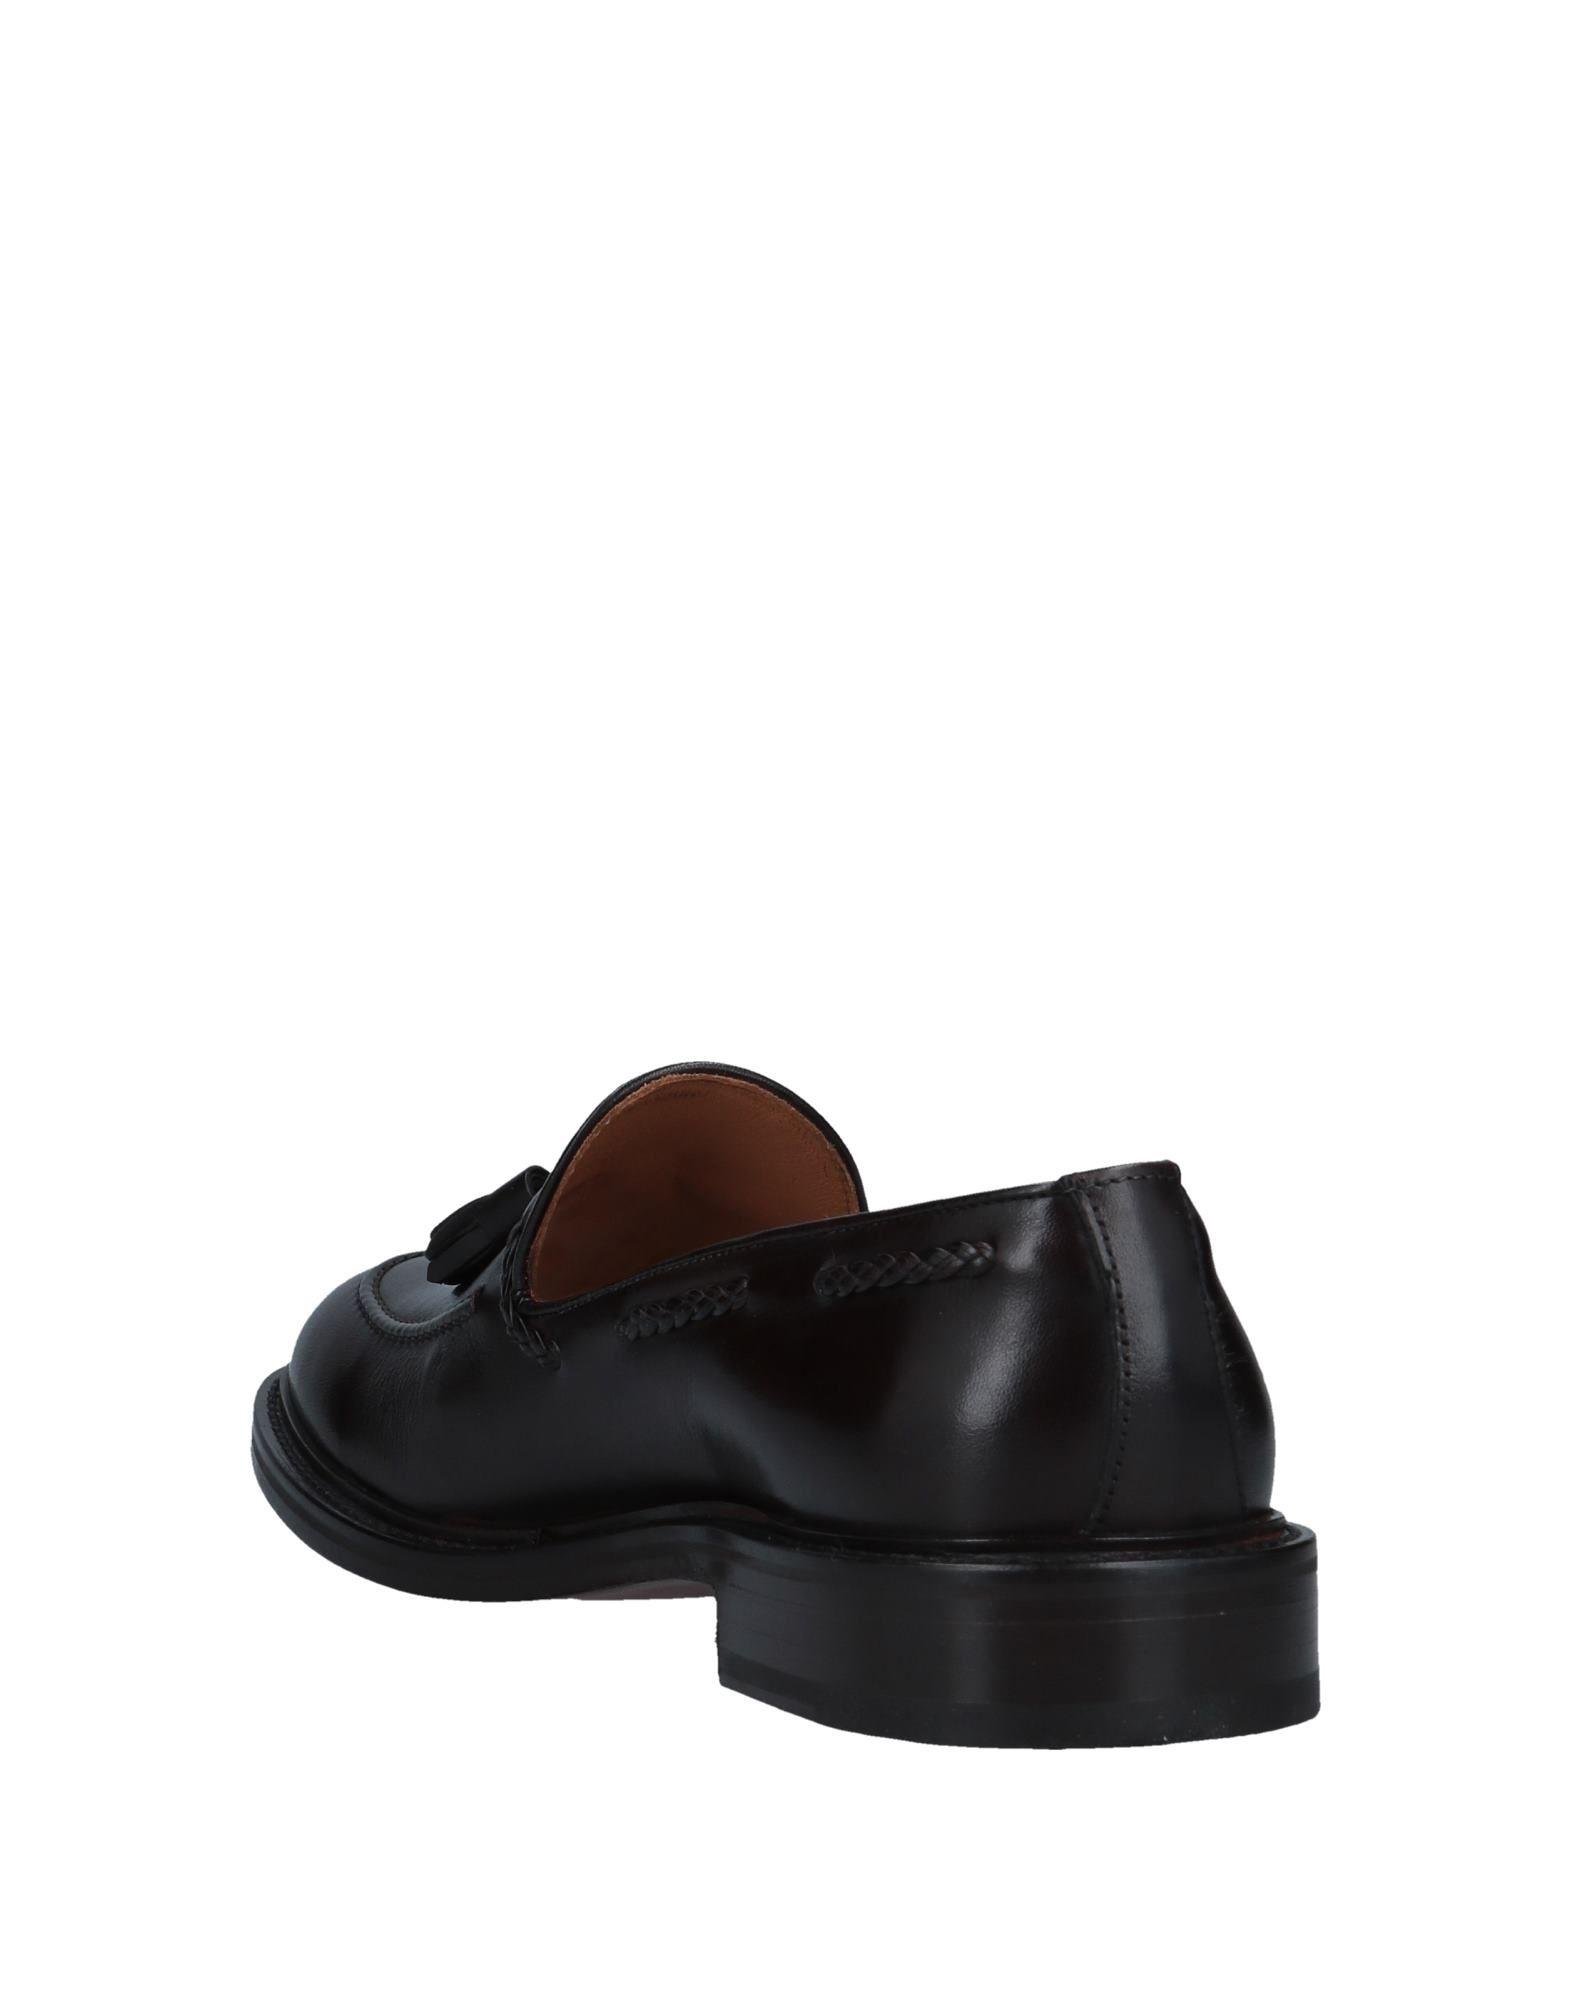 Baldinini Mokassins Gute Herren  11554093ML Gute Mokassins Qualität beliebte Schuhe 1b92e3